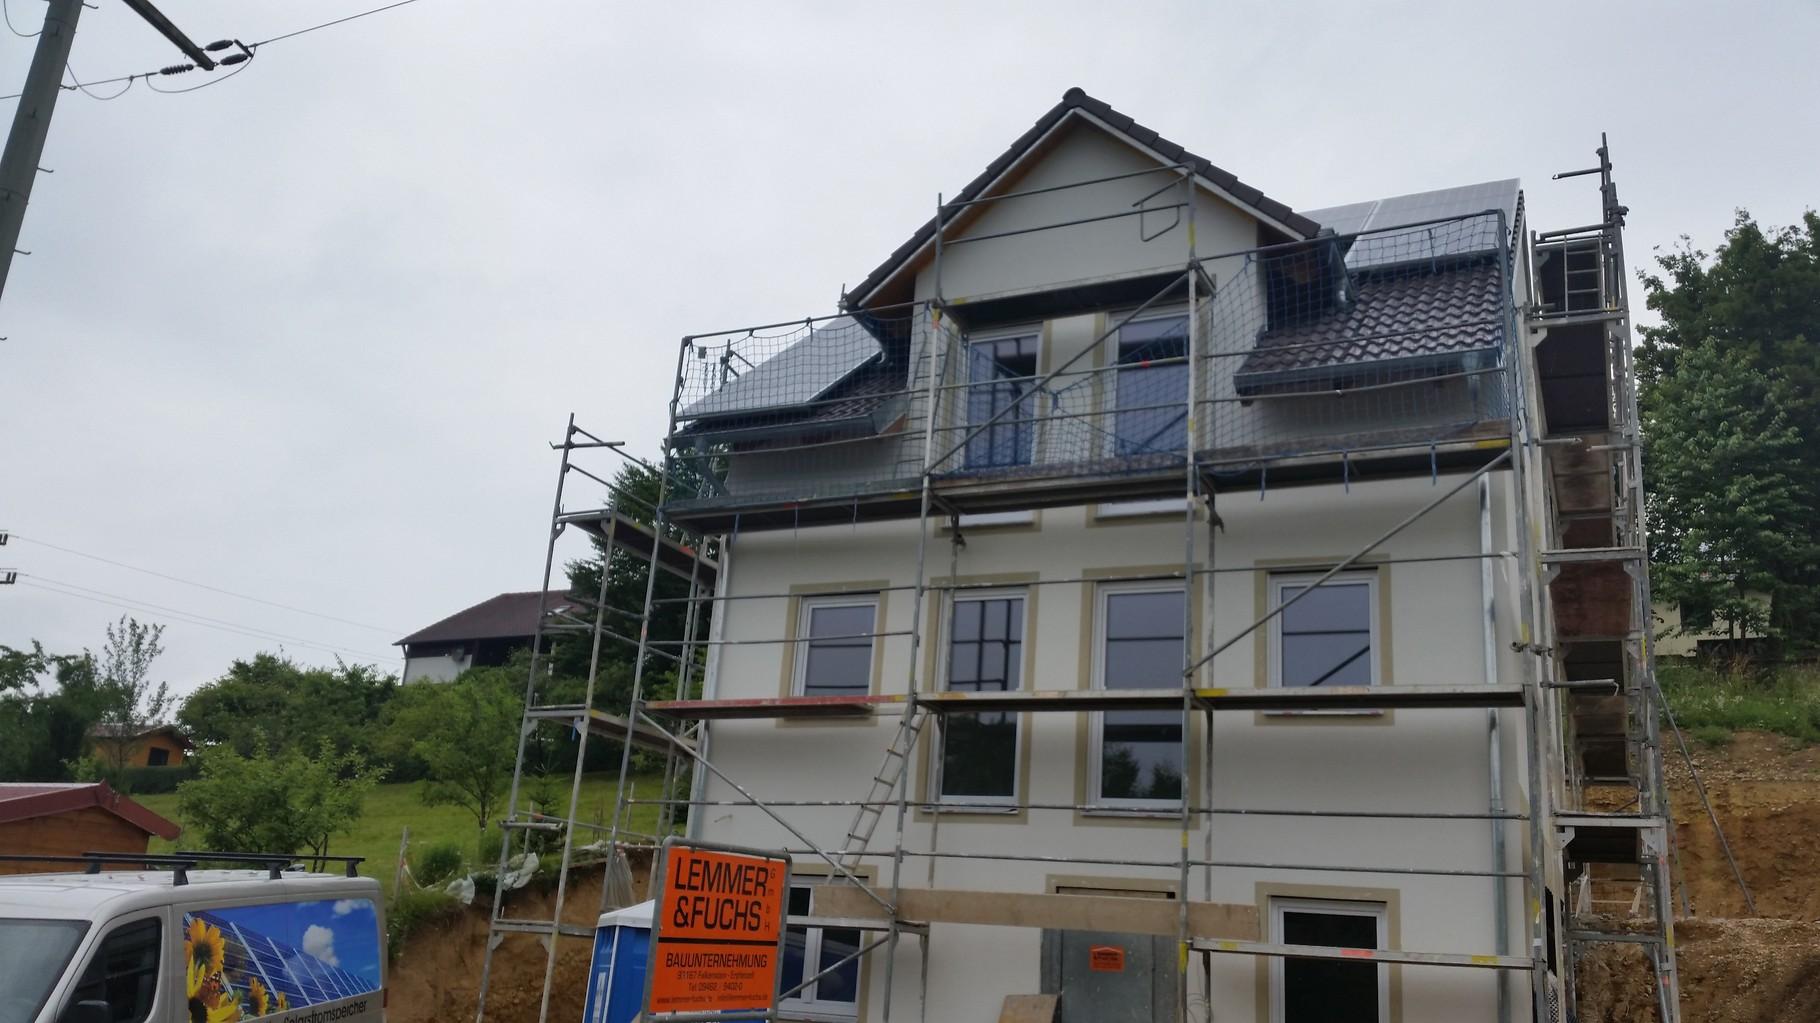 4,75 kWp Photovoltaikanlage 93356 Teugn ALEO Modulen